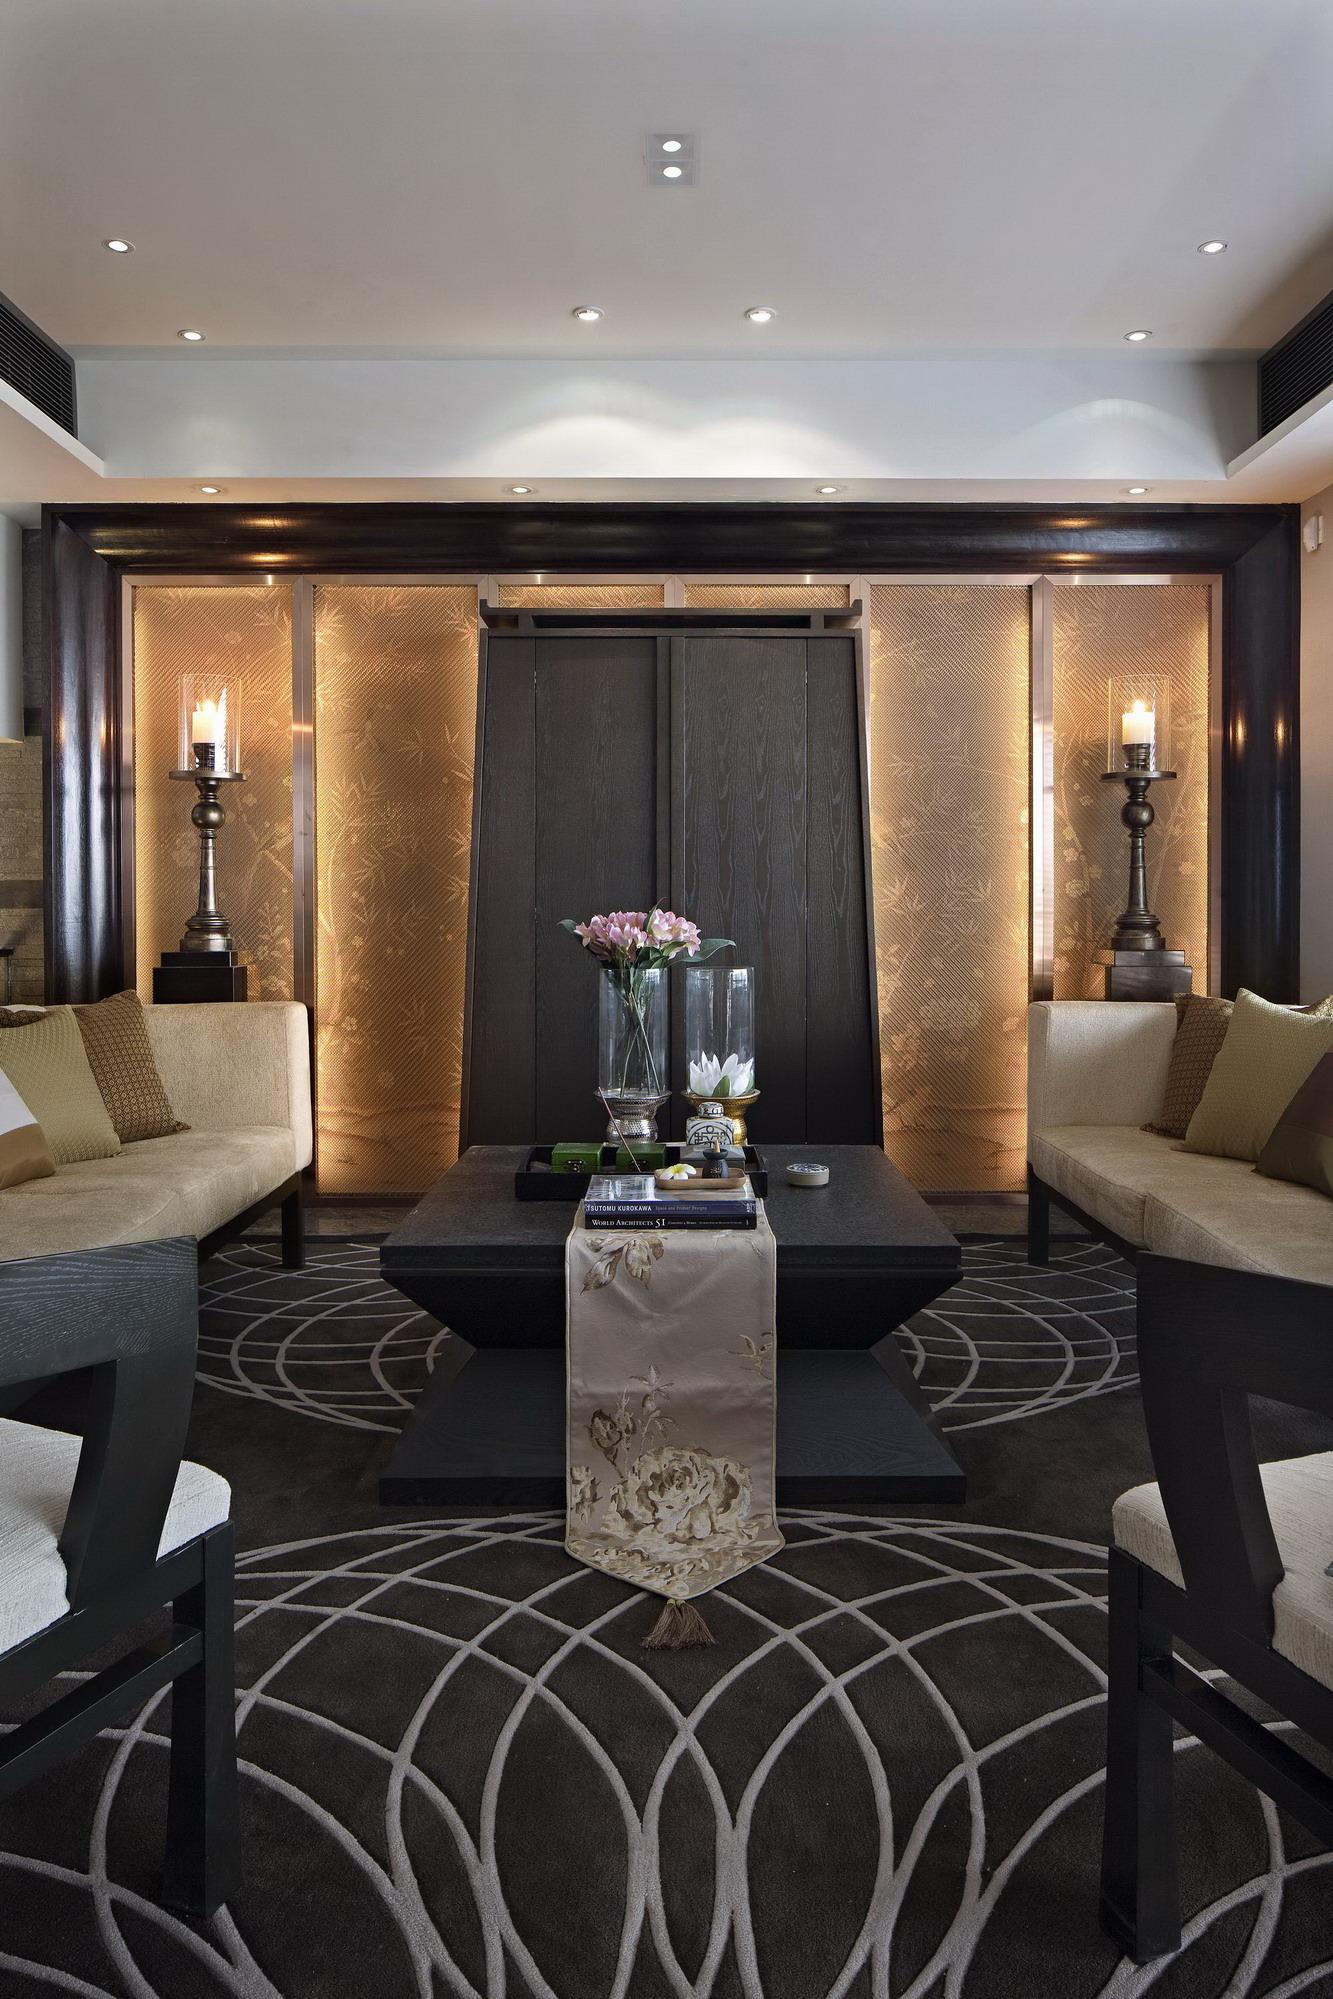 奢华新中式样板间客厅装修效果图